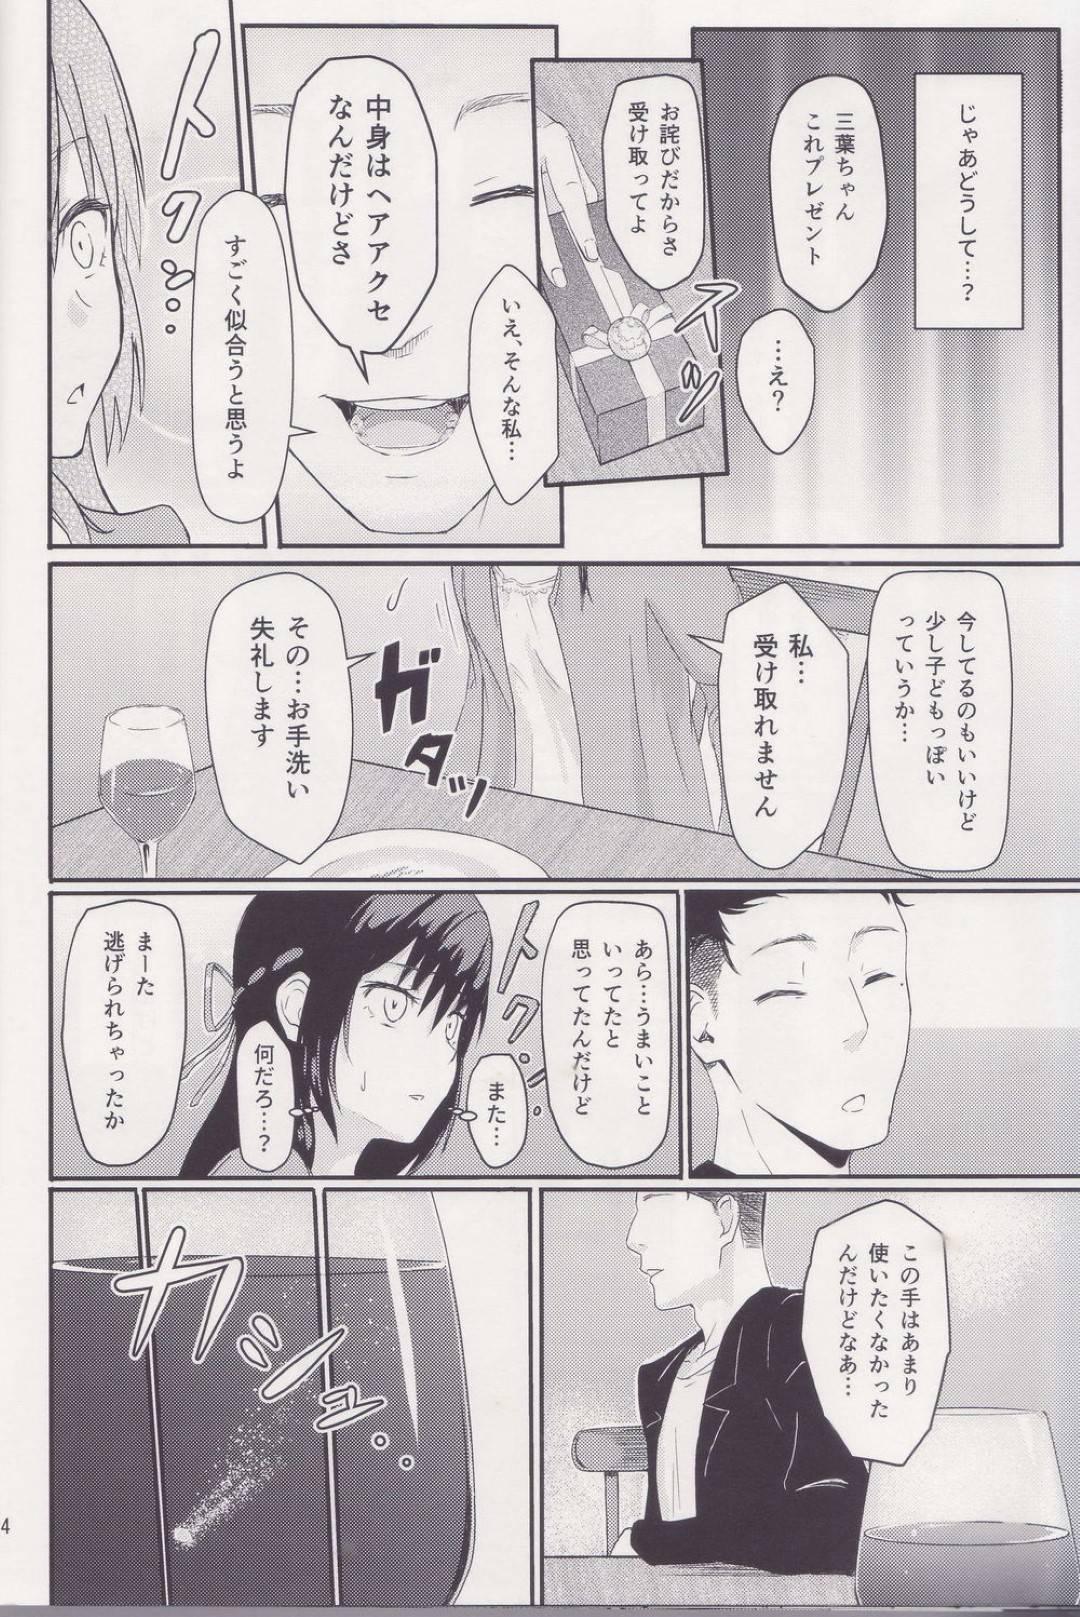 【エロ漫画】大学の先輩に薬を盛られ、ホテルへと連れ込まれてしまった三葉…抵抗力を失った彼女はそのまま正常位やバックなどの体位でチンポを生挿入されてNTRセックス。【シュクリーン:Mitsuha~Netorare~ 総集編1】